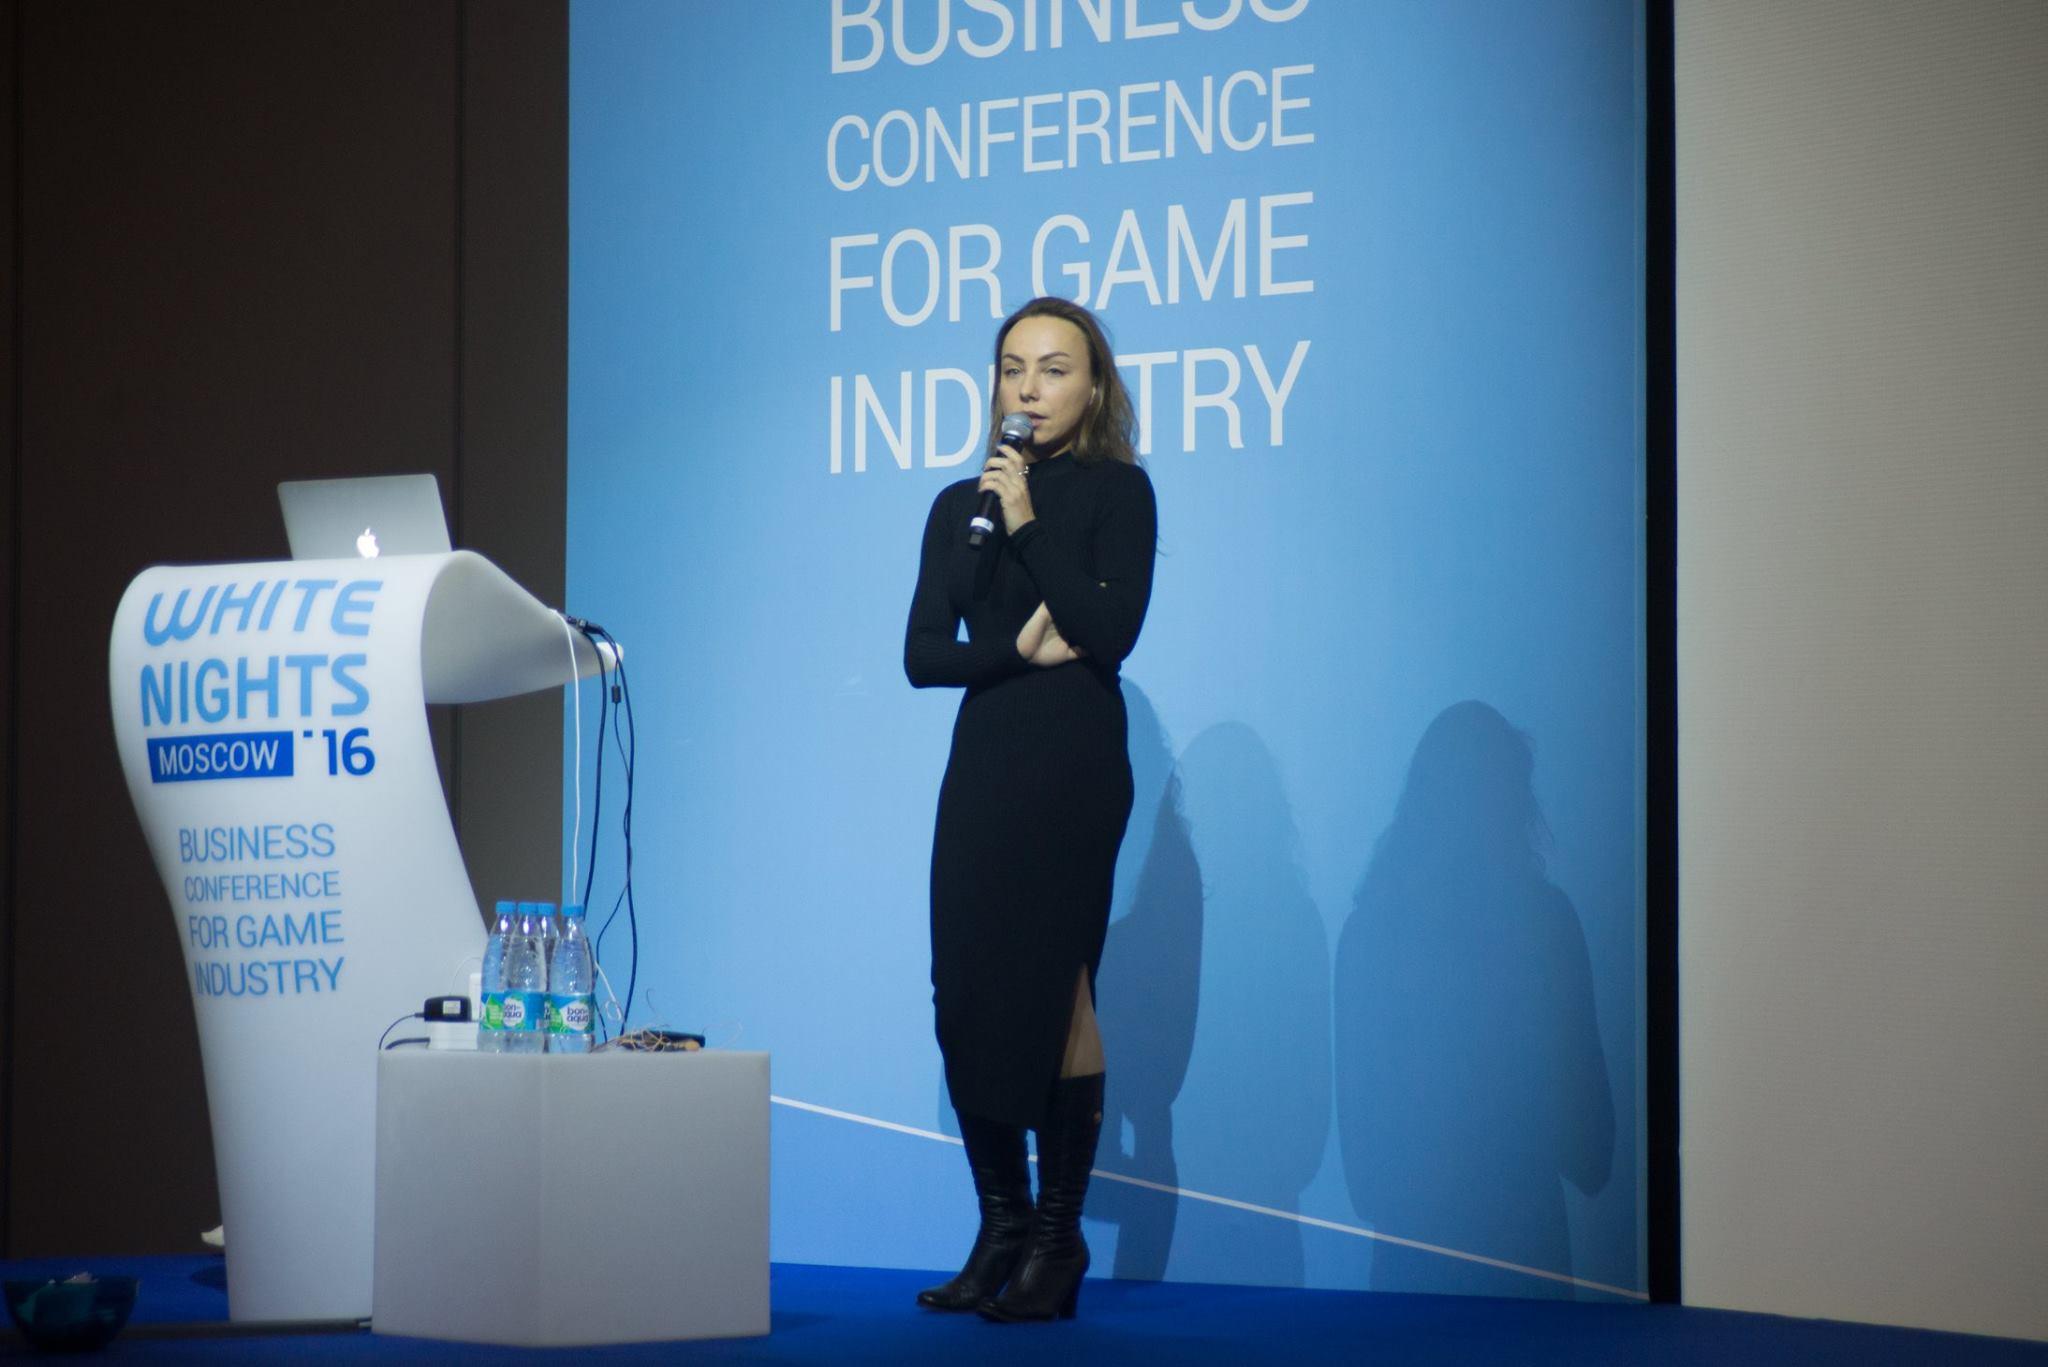 Интервью с Александрой Пестрецовой (Wavesplatform) о технологии блокчейн и токенизации бизнеса - 1